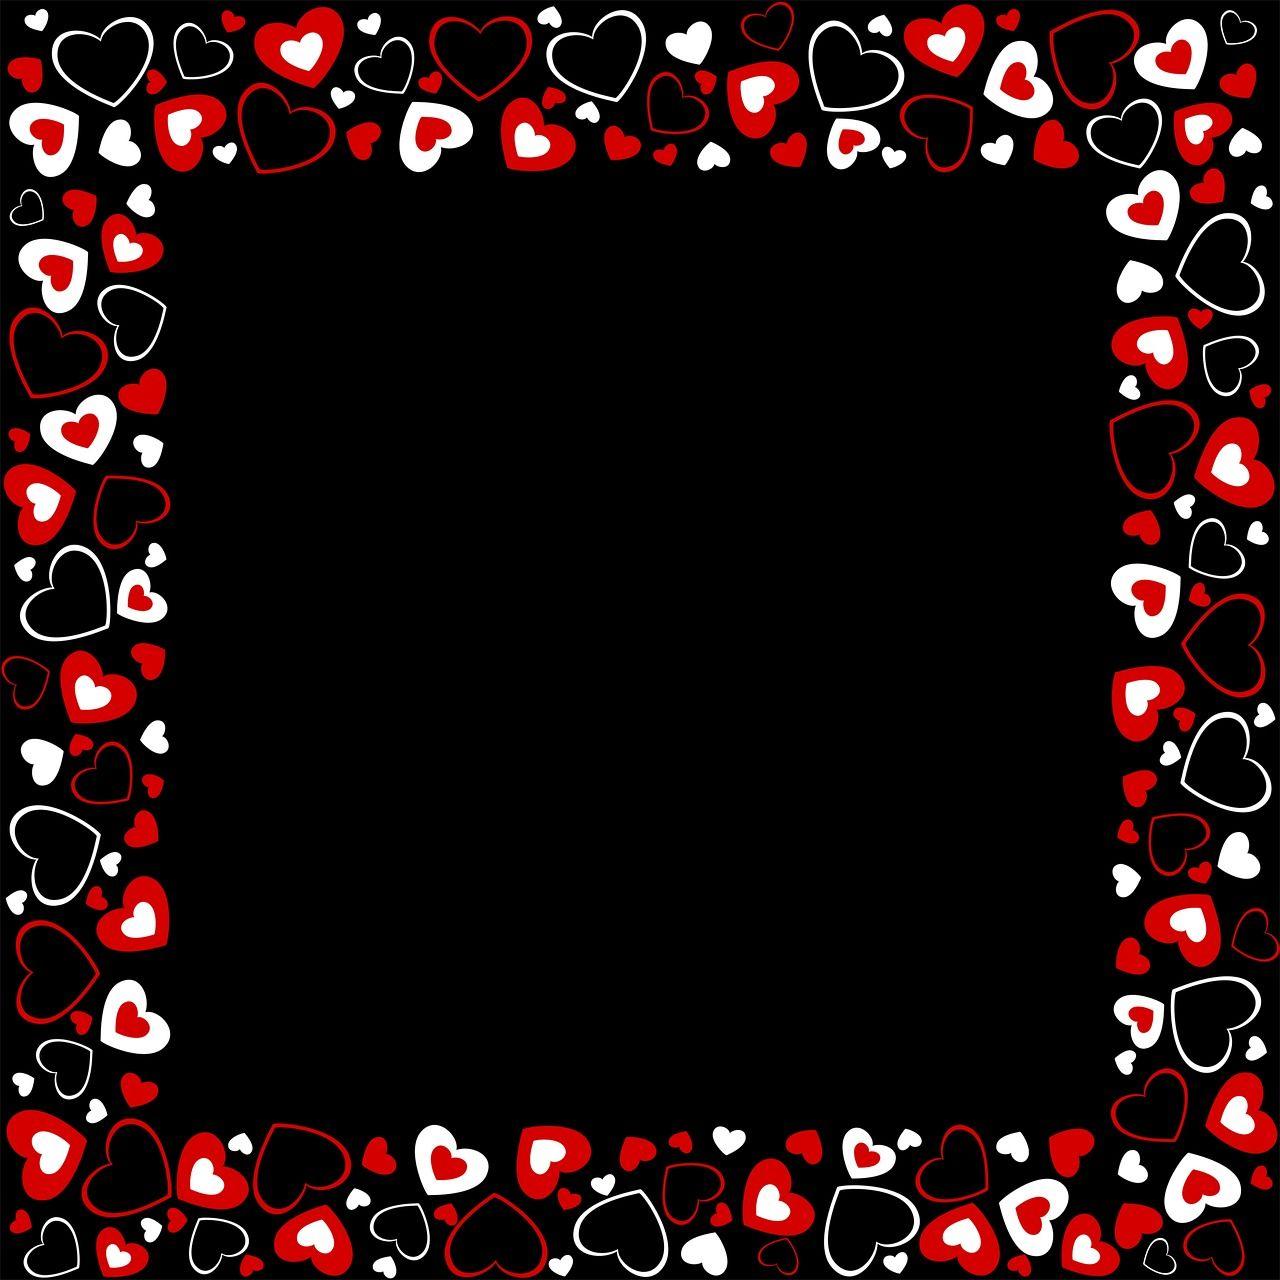 Imagen gratis en Pixabay - Marco, Corazones, Corazón, Rojo | Pinterest